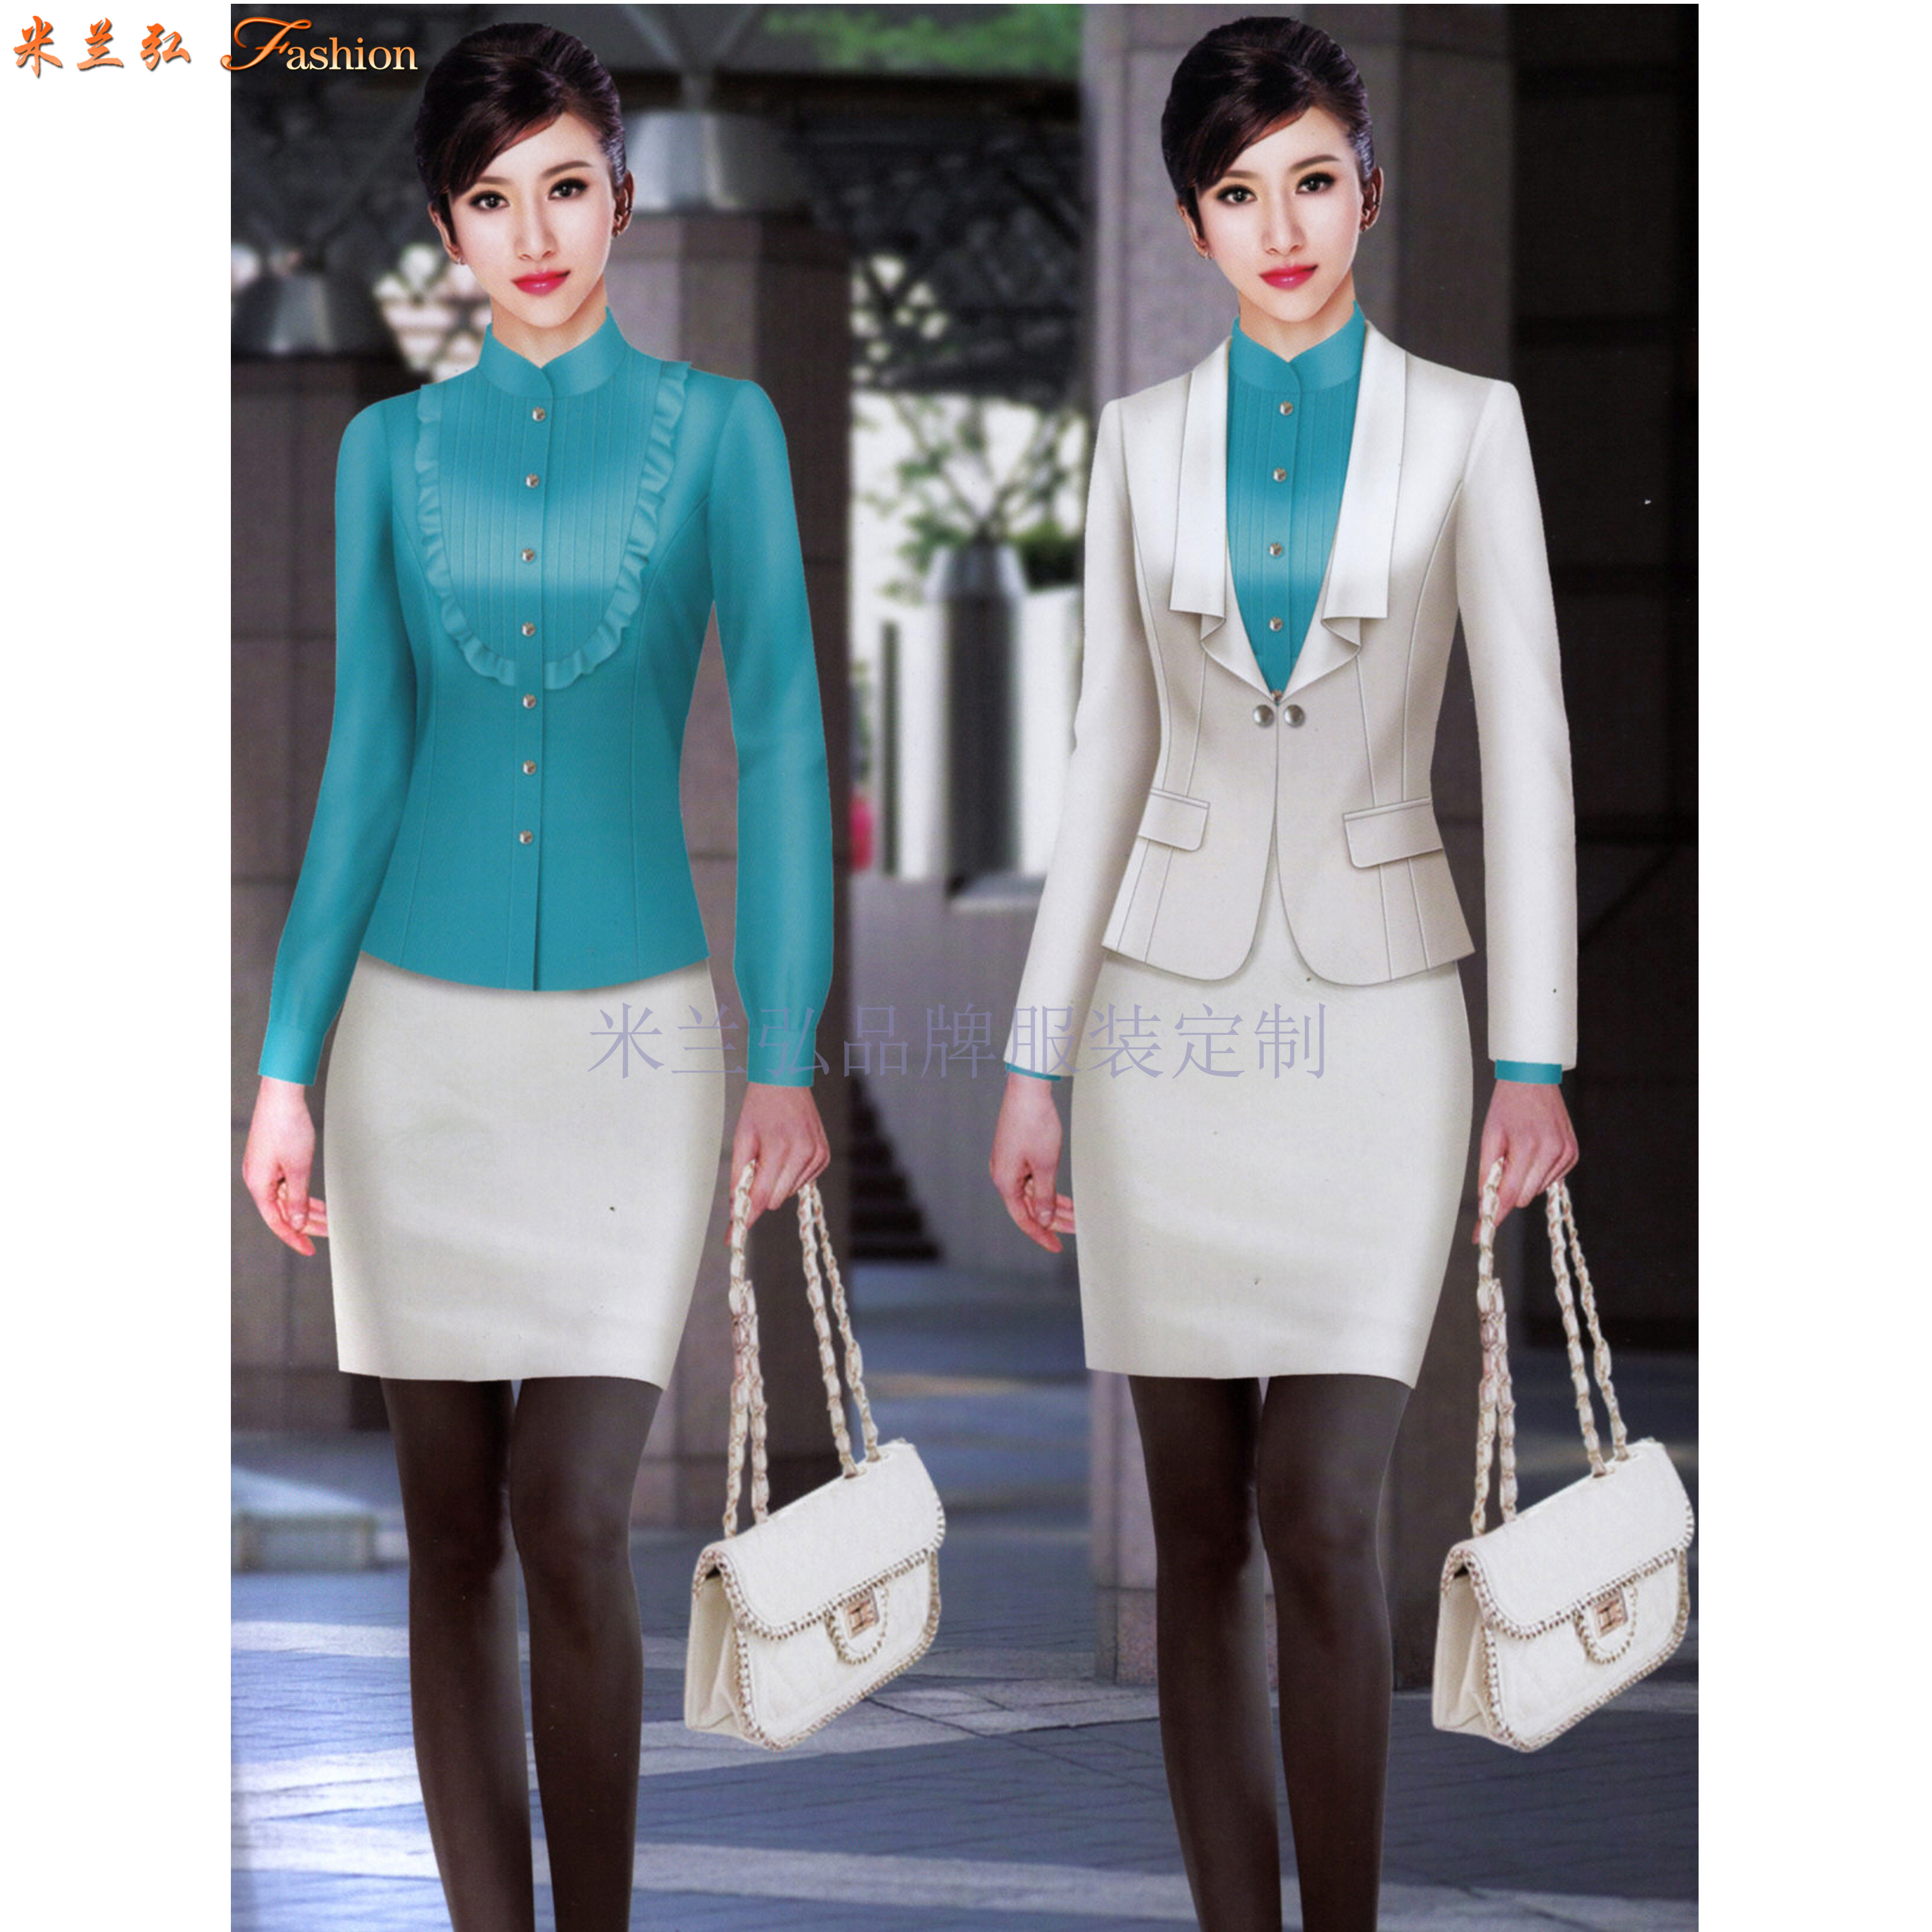 「職業裝」北京量身定制訂做通勤職業裝的靠譜公司-米蘭弘服裝-5